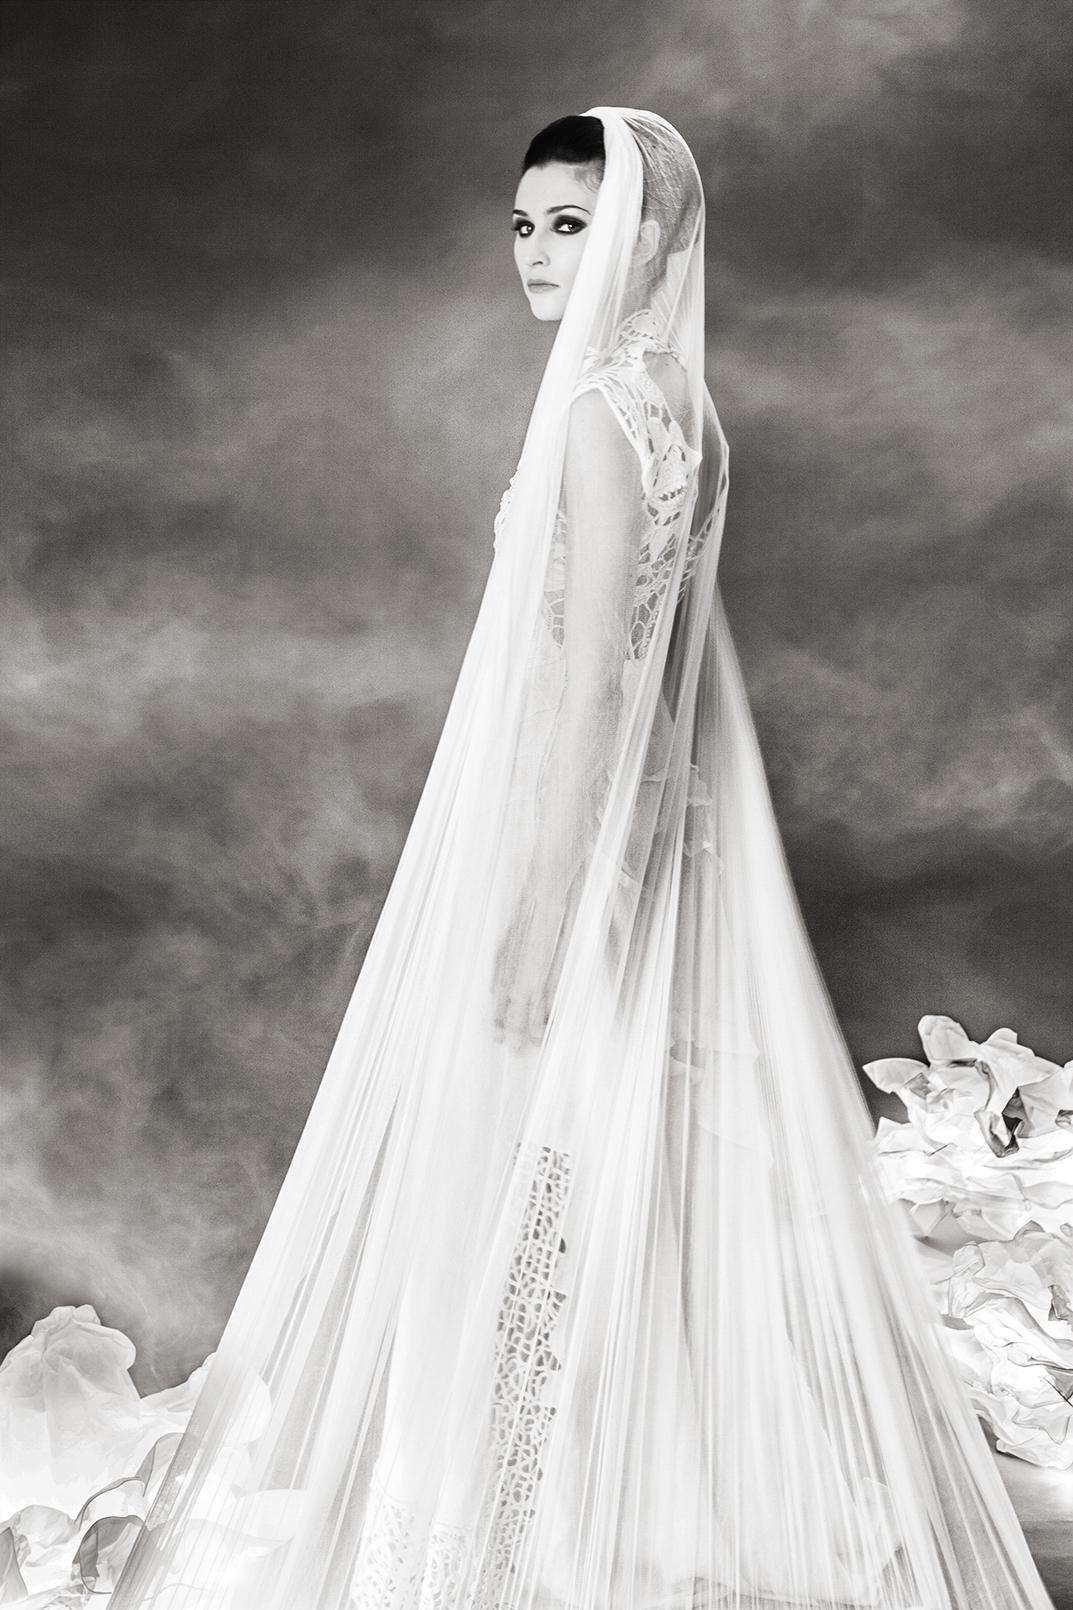 La sposa è un cadavere (the bride is a corpse)